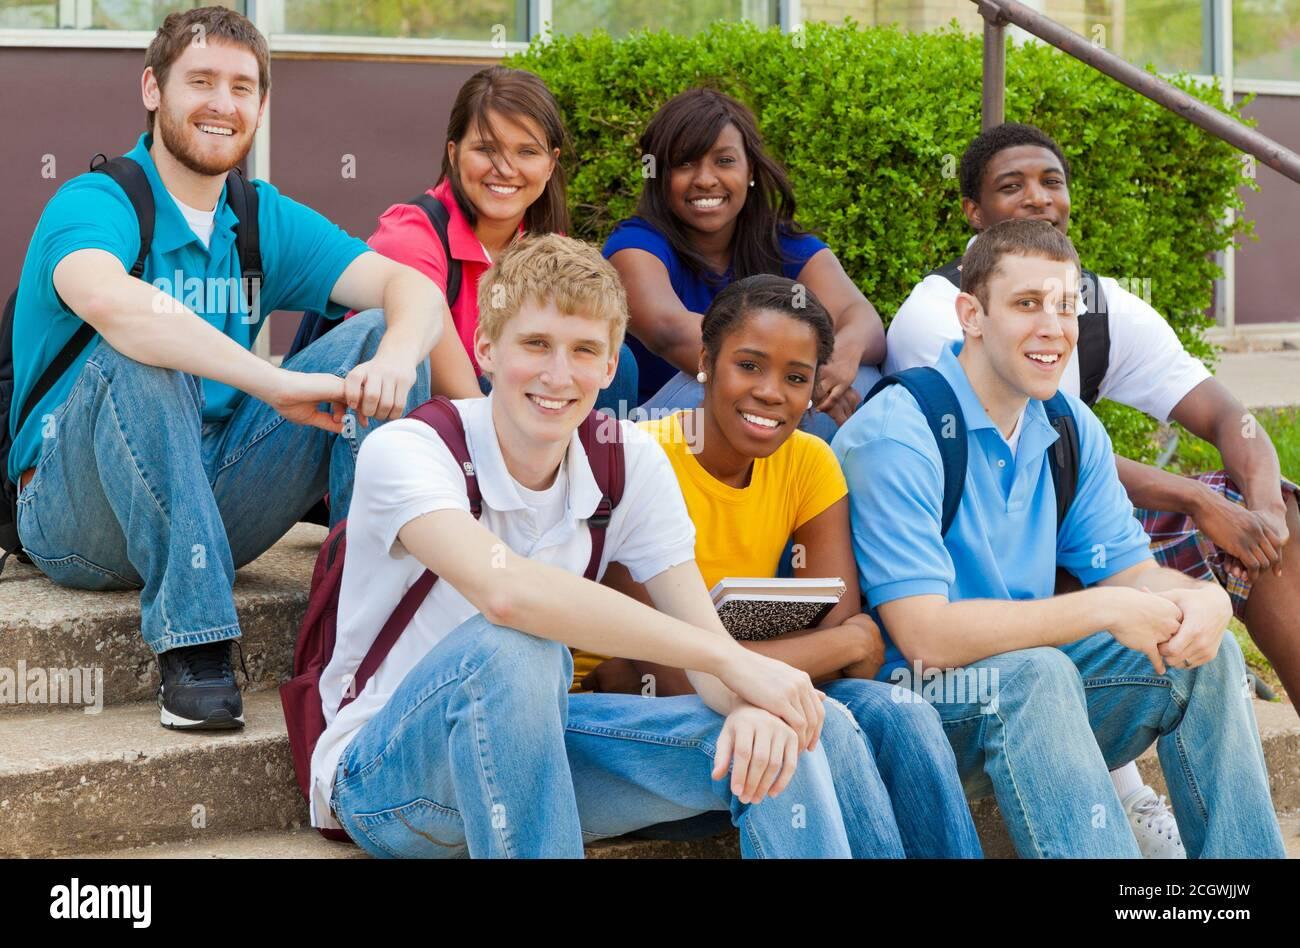 Un grupo de personas sentadas posando para la cámara Foto de stock